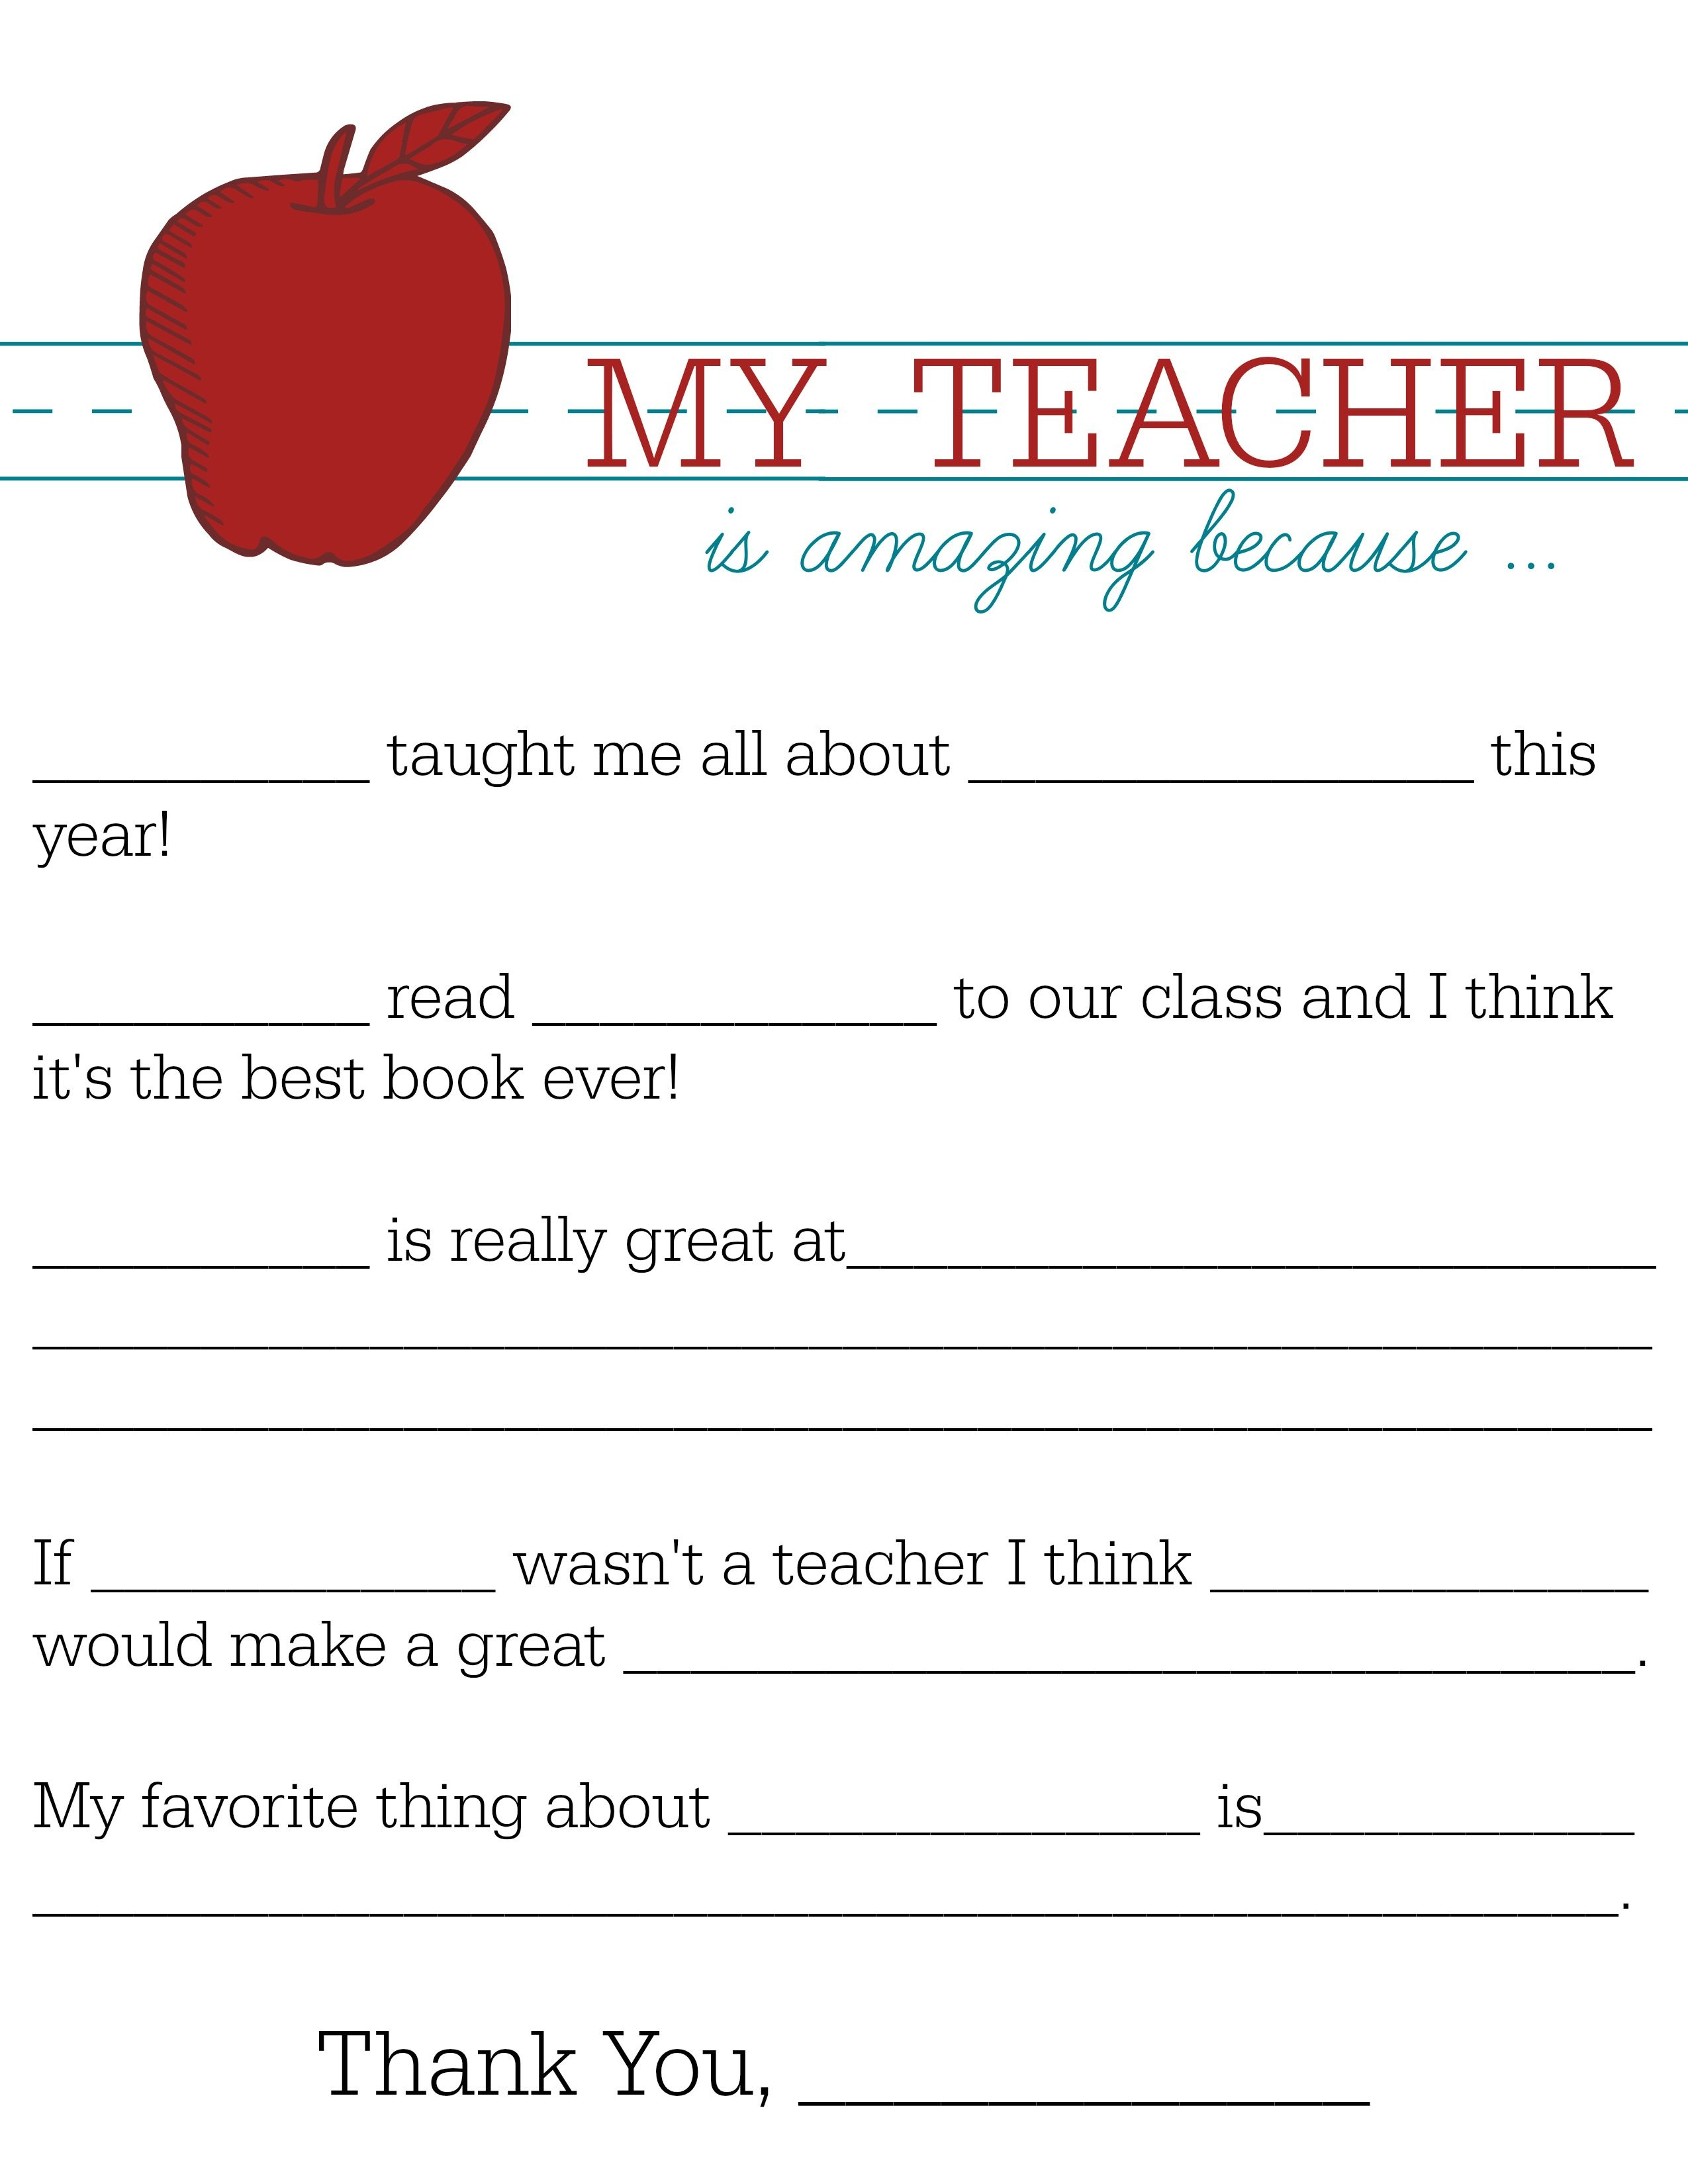 All About My Teacher   Parents: Raise A Reader Blog   Teacher - All About My Teacher Free Printable